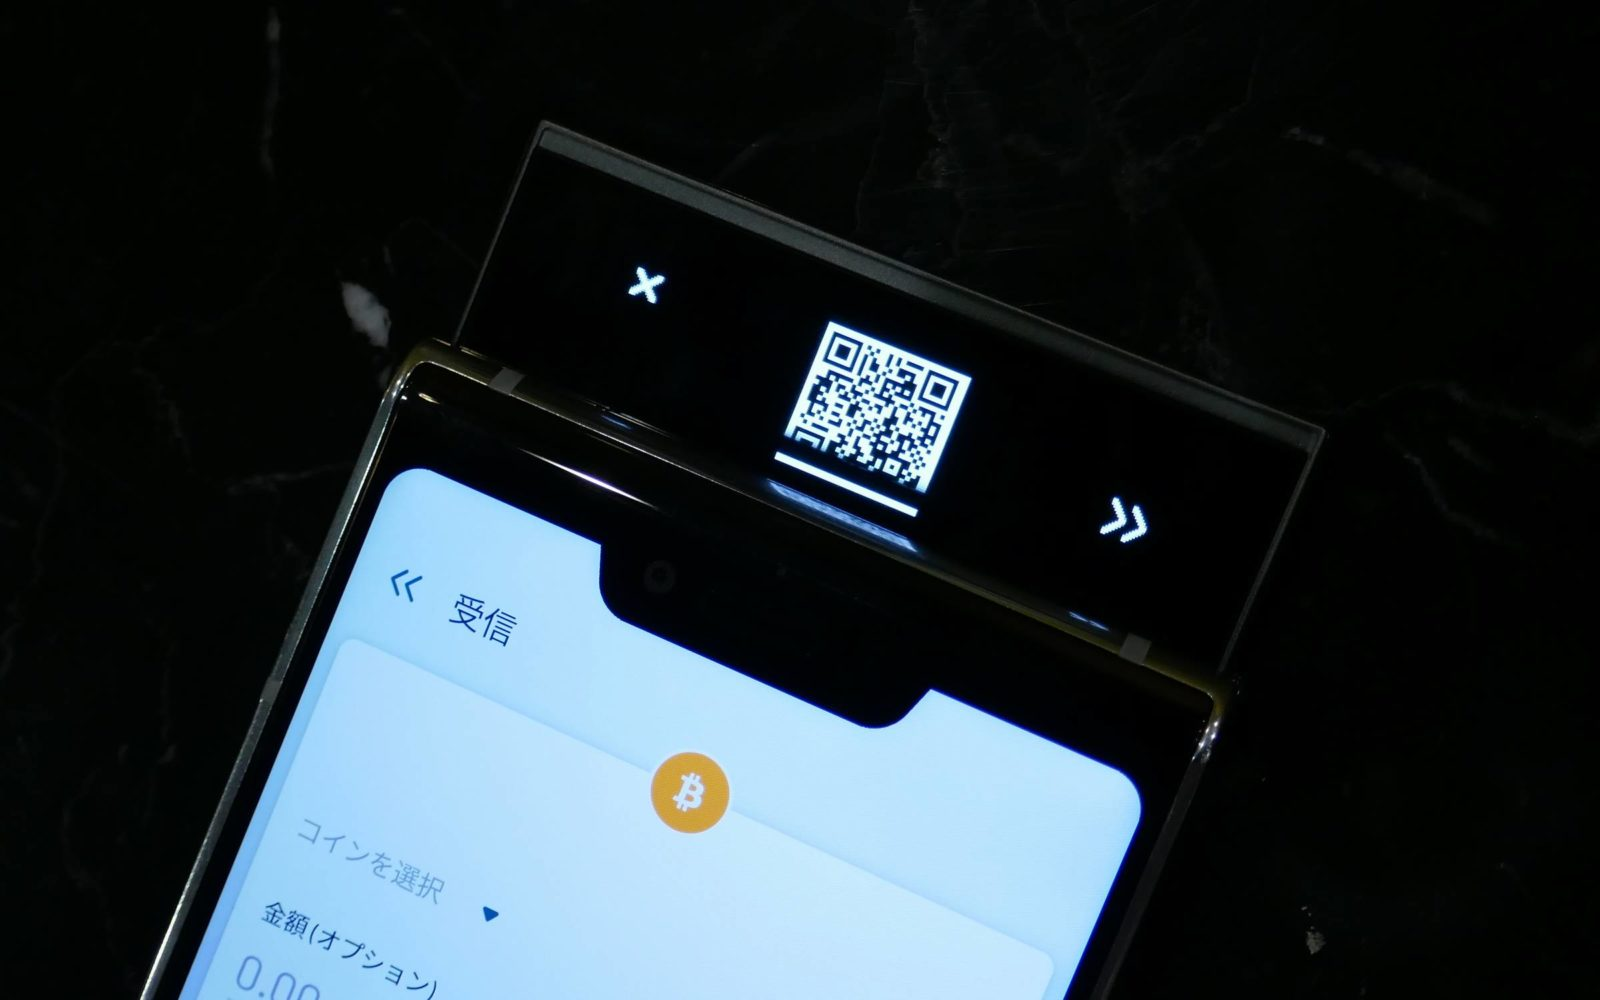 スライド部分の表側には小さなディスプレイがあり、暗号資産にアクセスするためのパスコード入力や受信用のQRコード表示ができる